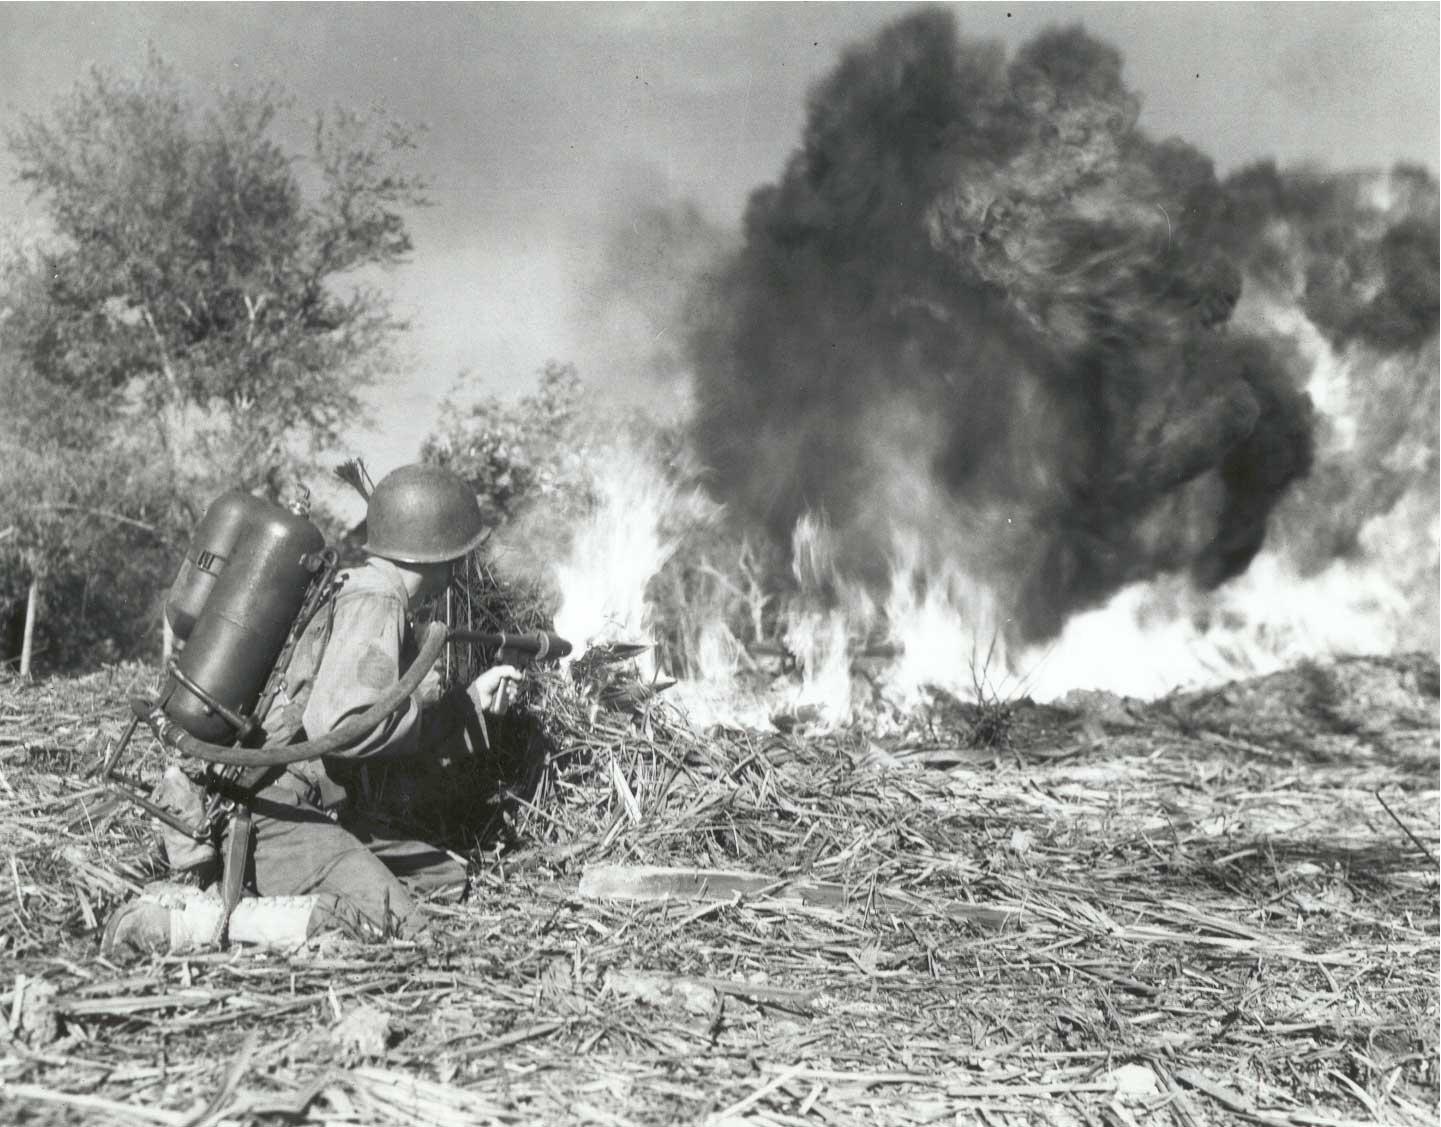 USm2flamethrower - Un soldat de la 33rd Infantry Division utilise un lance-flammes M2